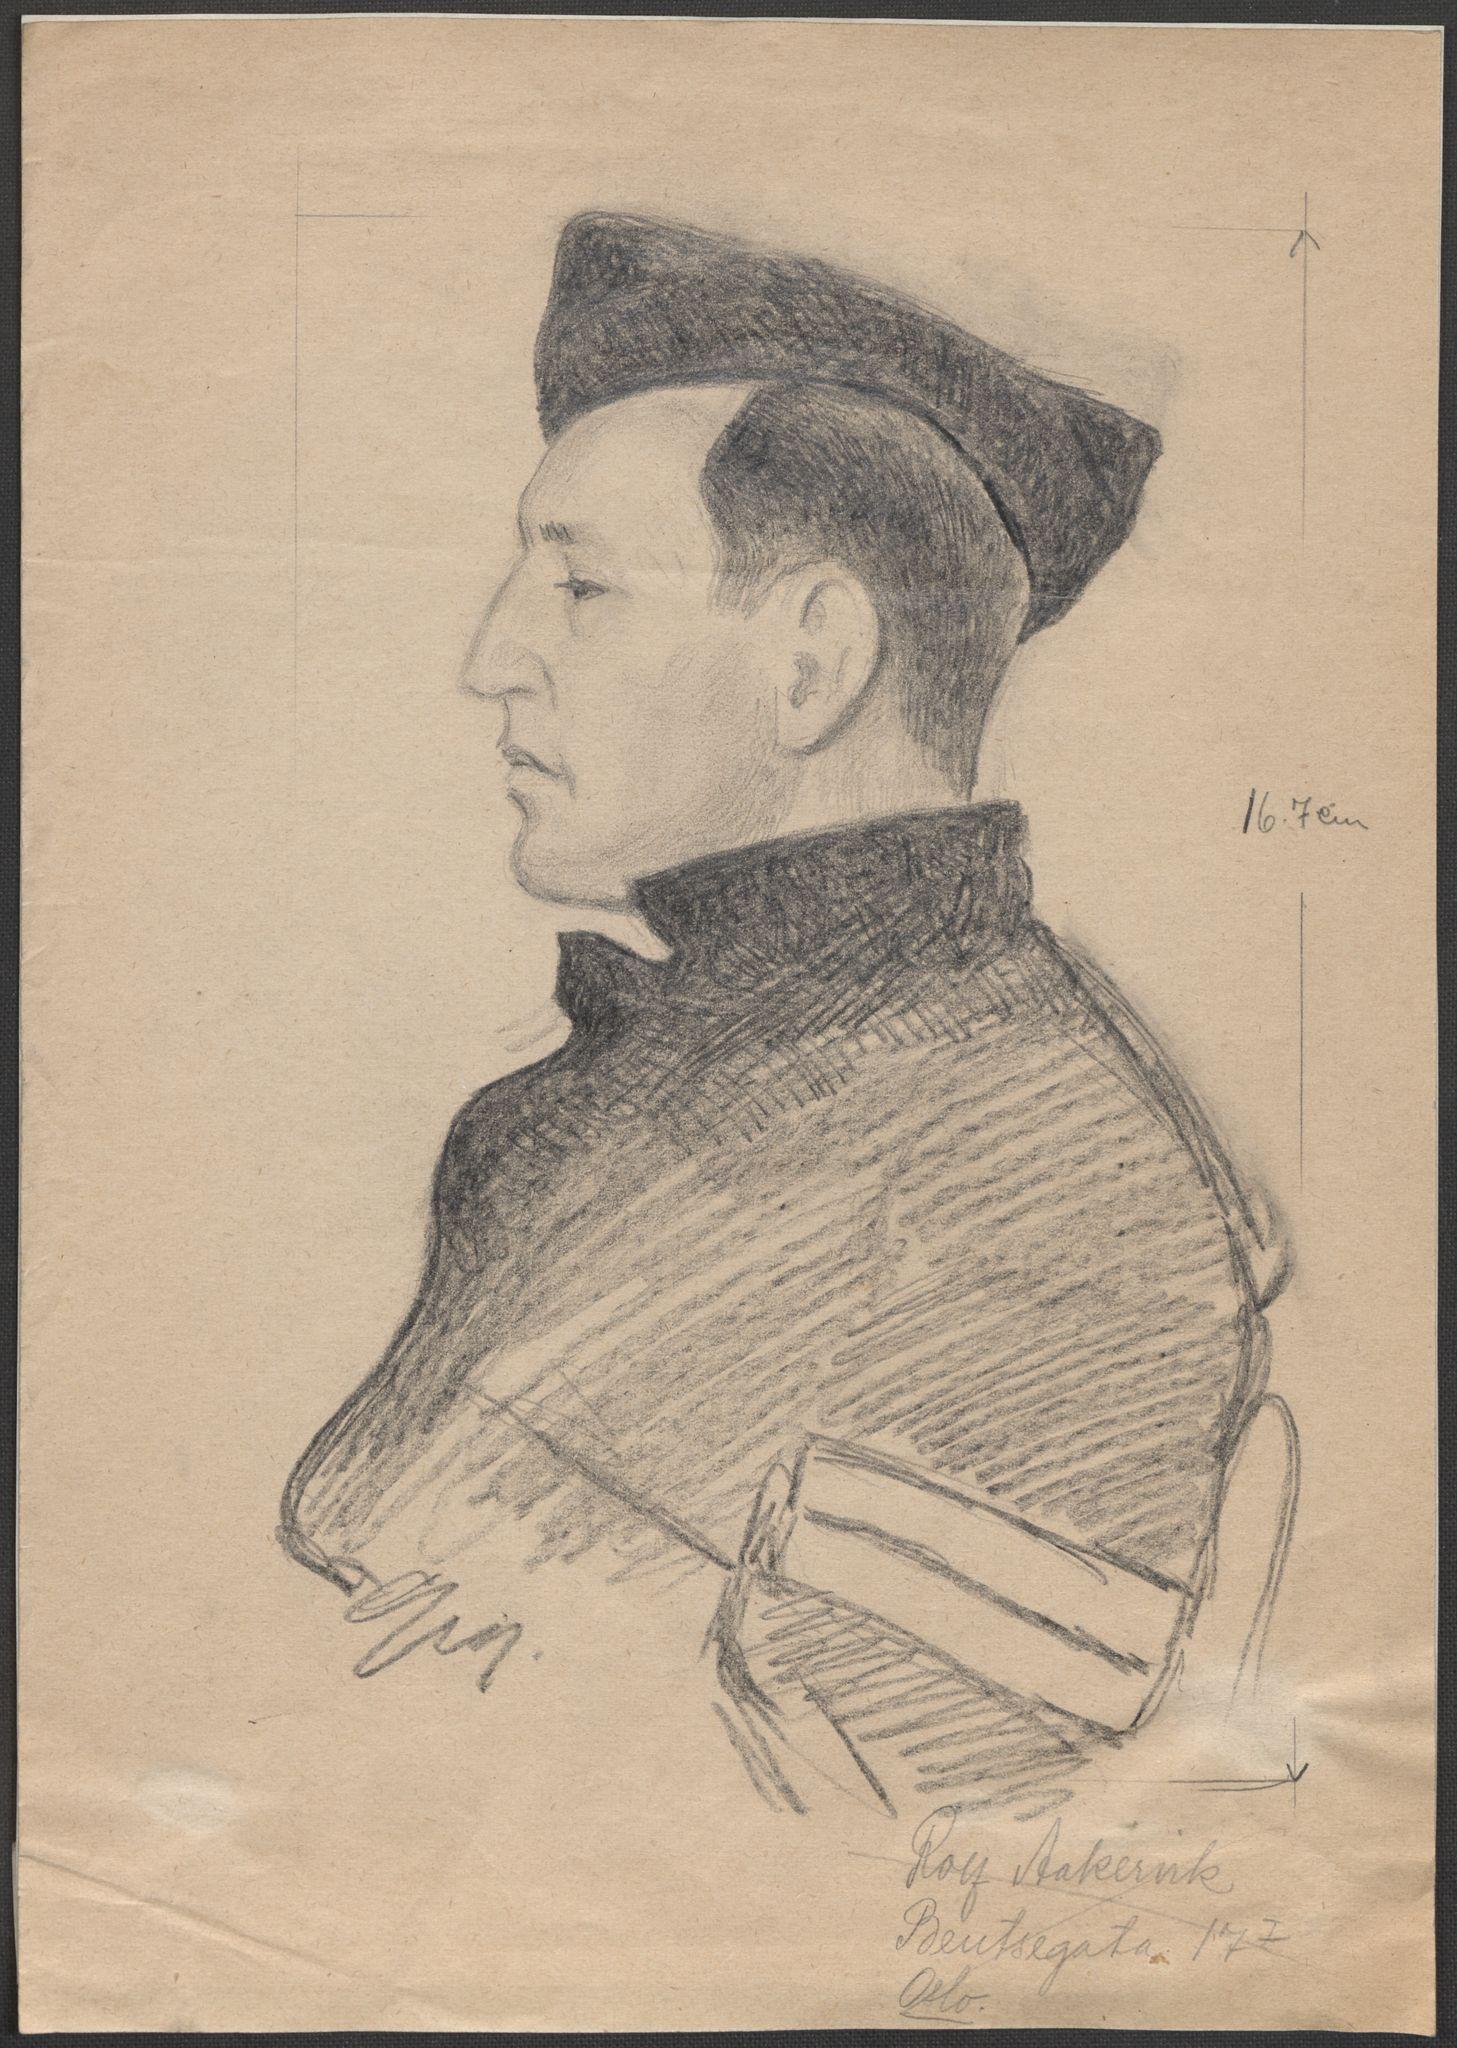 RA, Grøgaard, Joachim, F/L0002: Tegninger og tekster, 1942-1945, s. 120